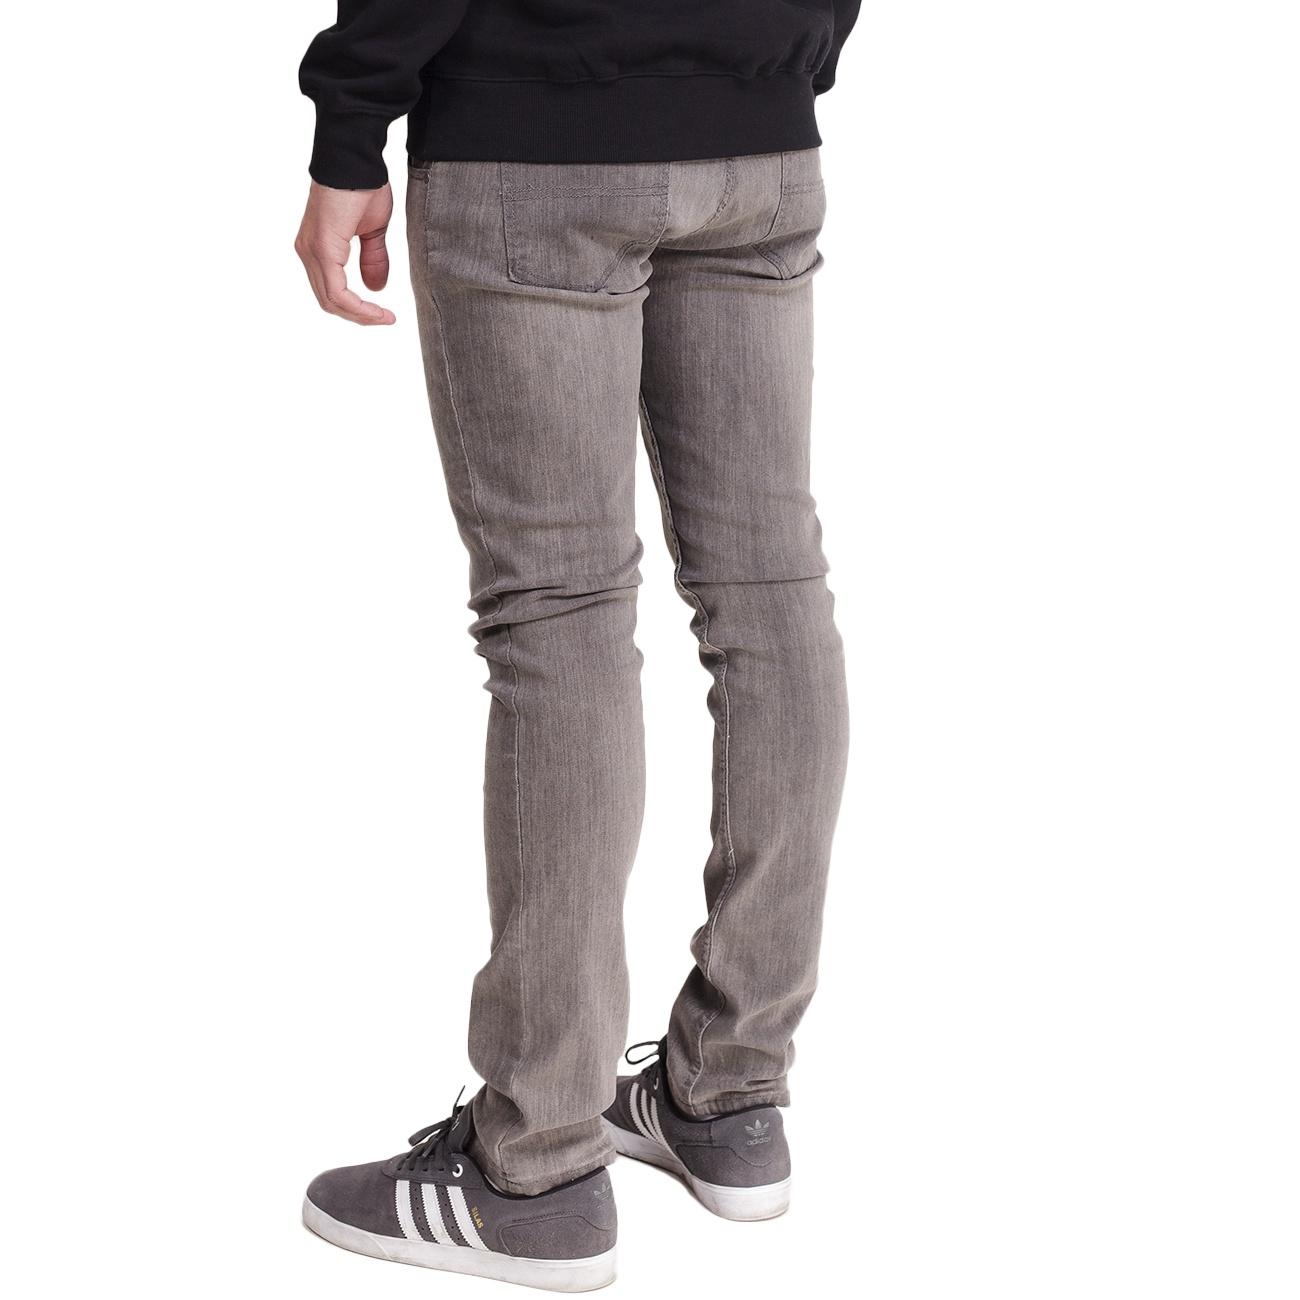 863982a8692 Джинсы SKILLS Slim Flex FW17 Grey купить в Перми — интернет-магазин ...